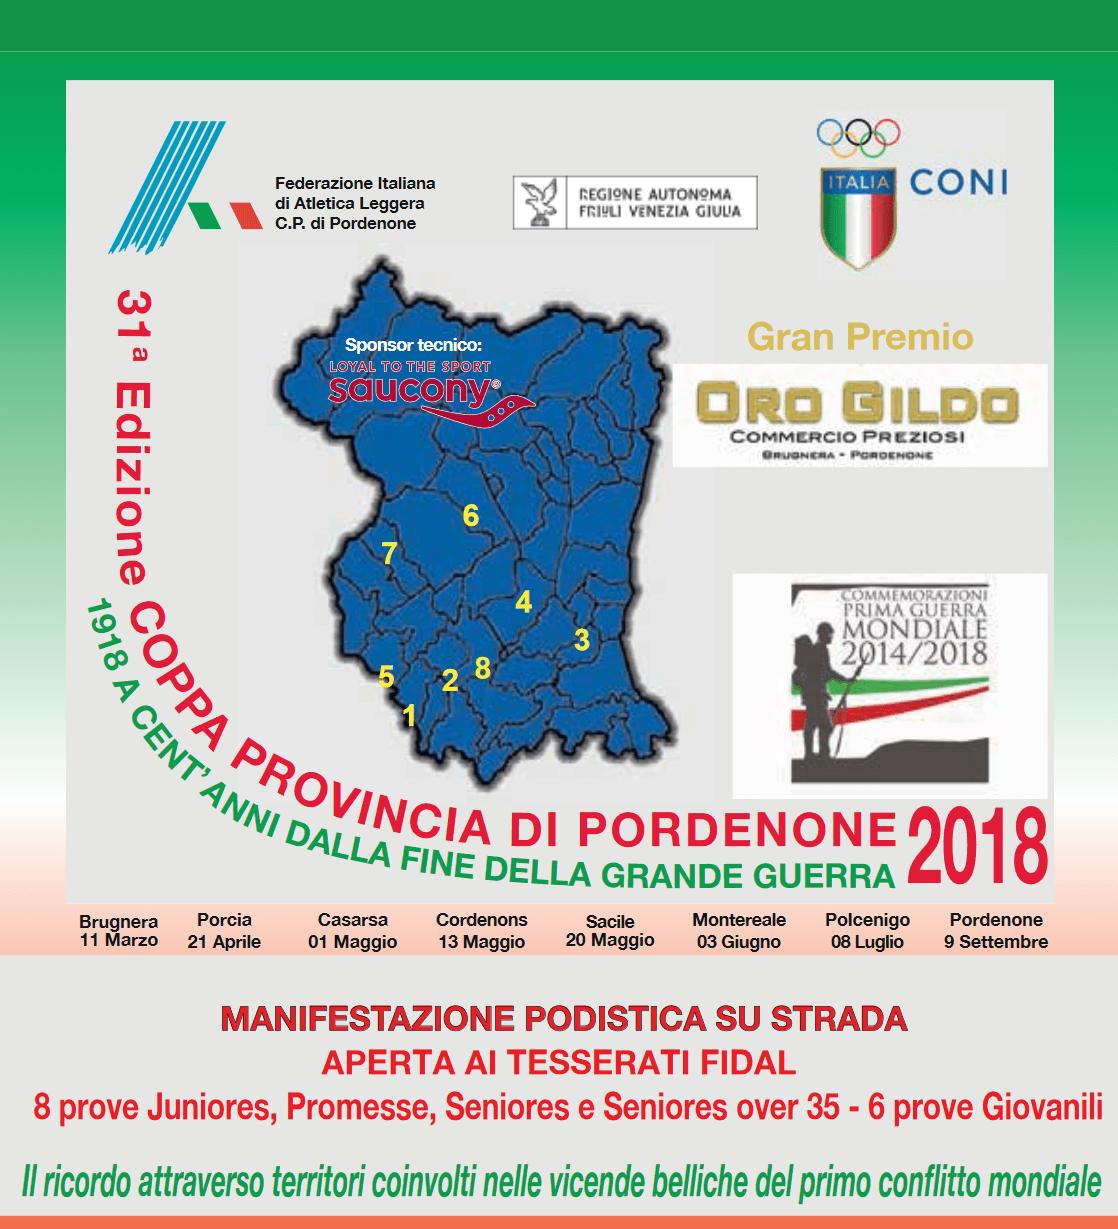 COPPA PROVINCIA DI PORDENONE 2018